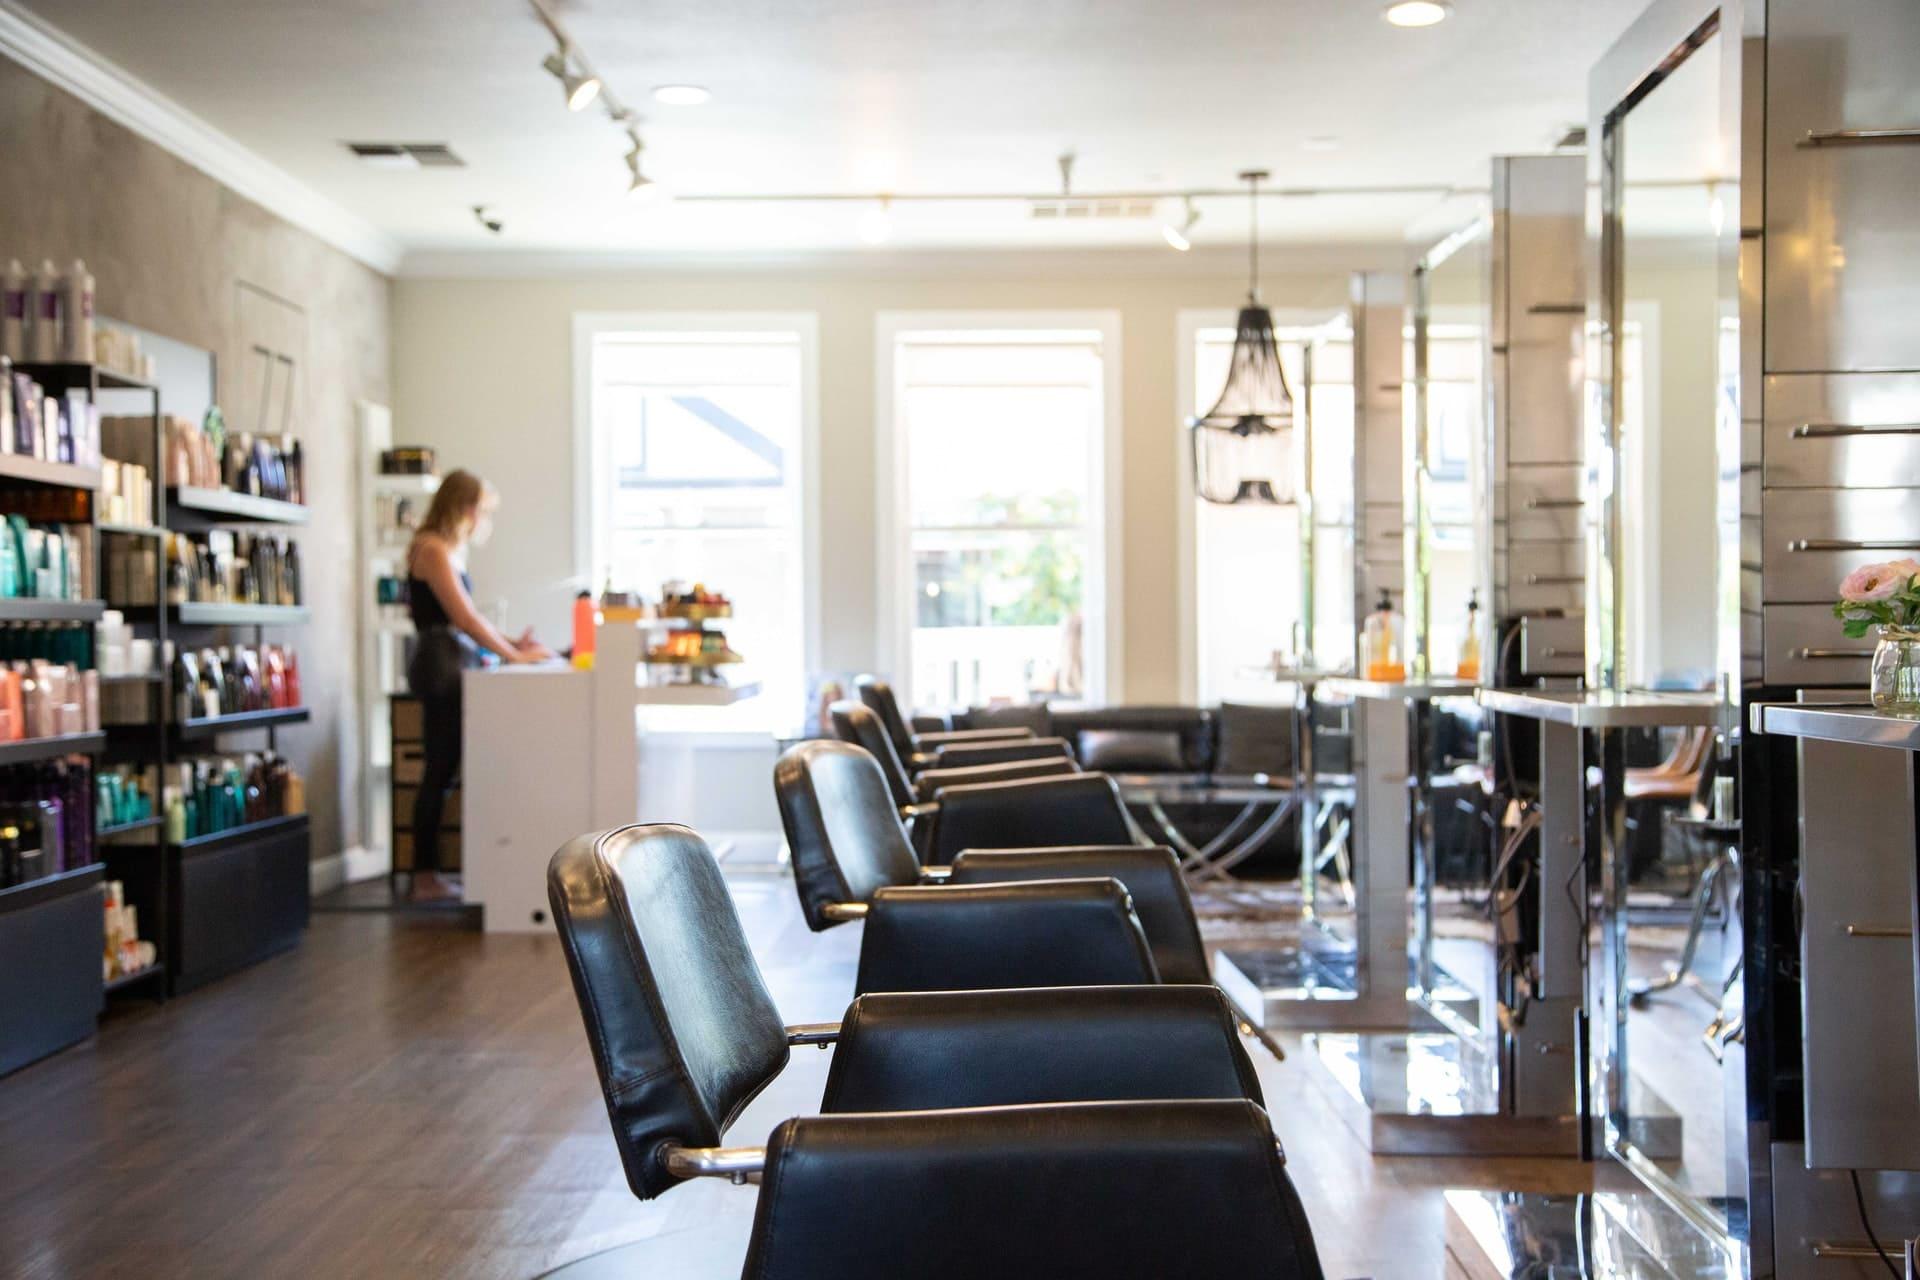 Friseursalon-Einrichtung Beispiel